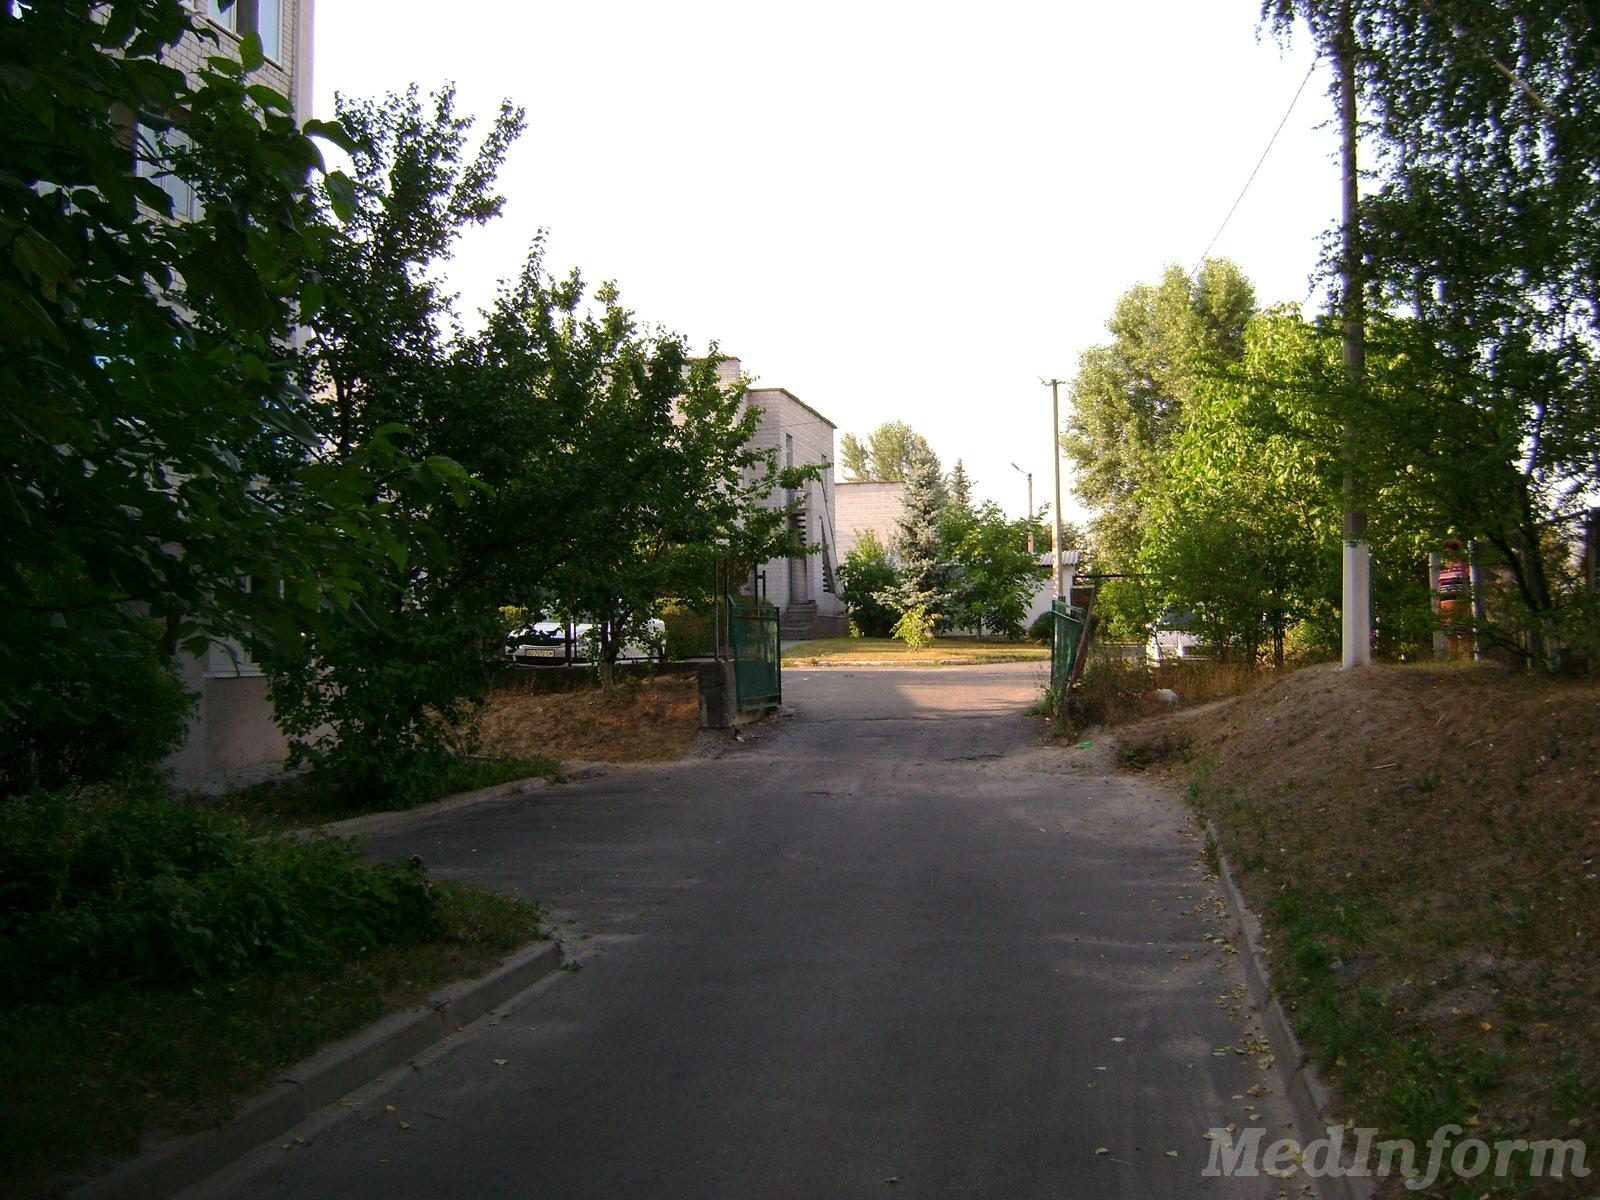 Больница ул. космическая 13